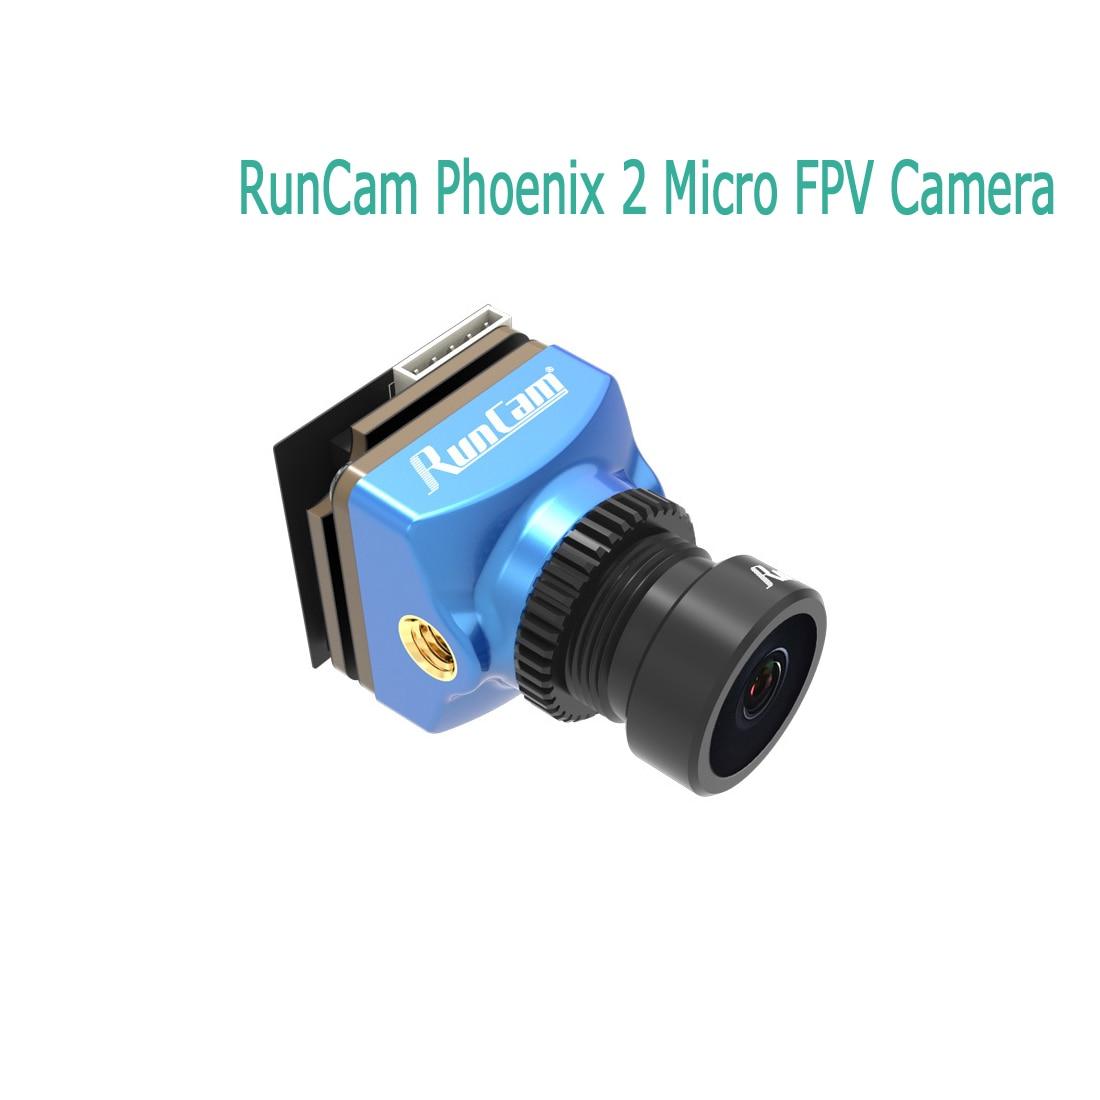 Runcam phoenix2 fpv câmera micro 19x19/nano 14x14 1000tvl 2.1mm 169/43 pal ntsc comutável para o robô do carro do zangão de freestyle rc